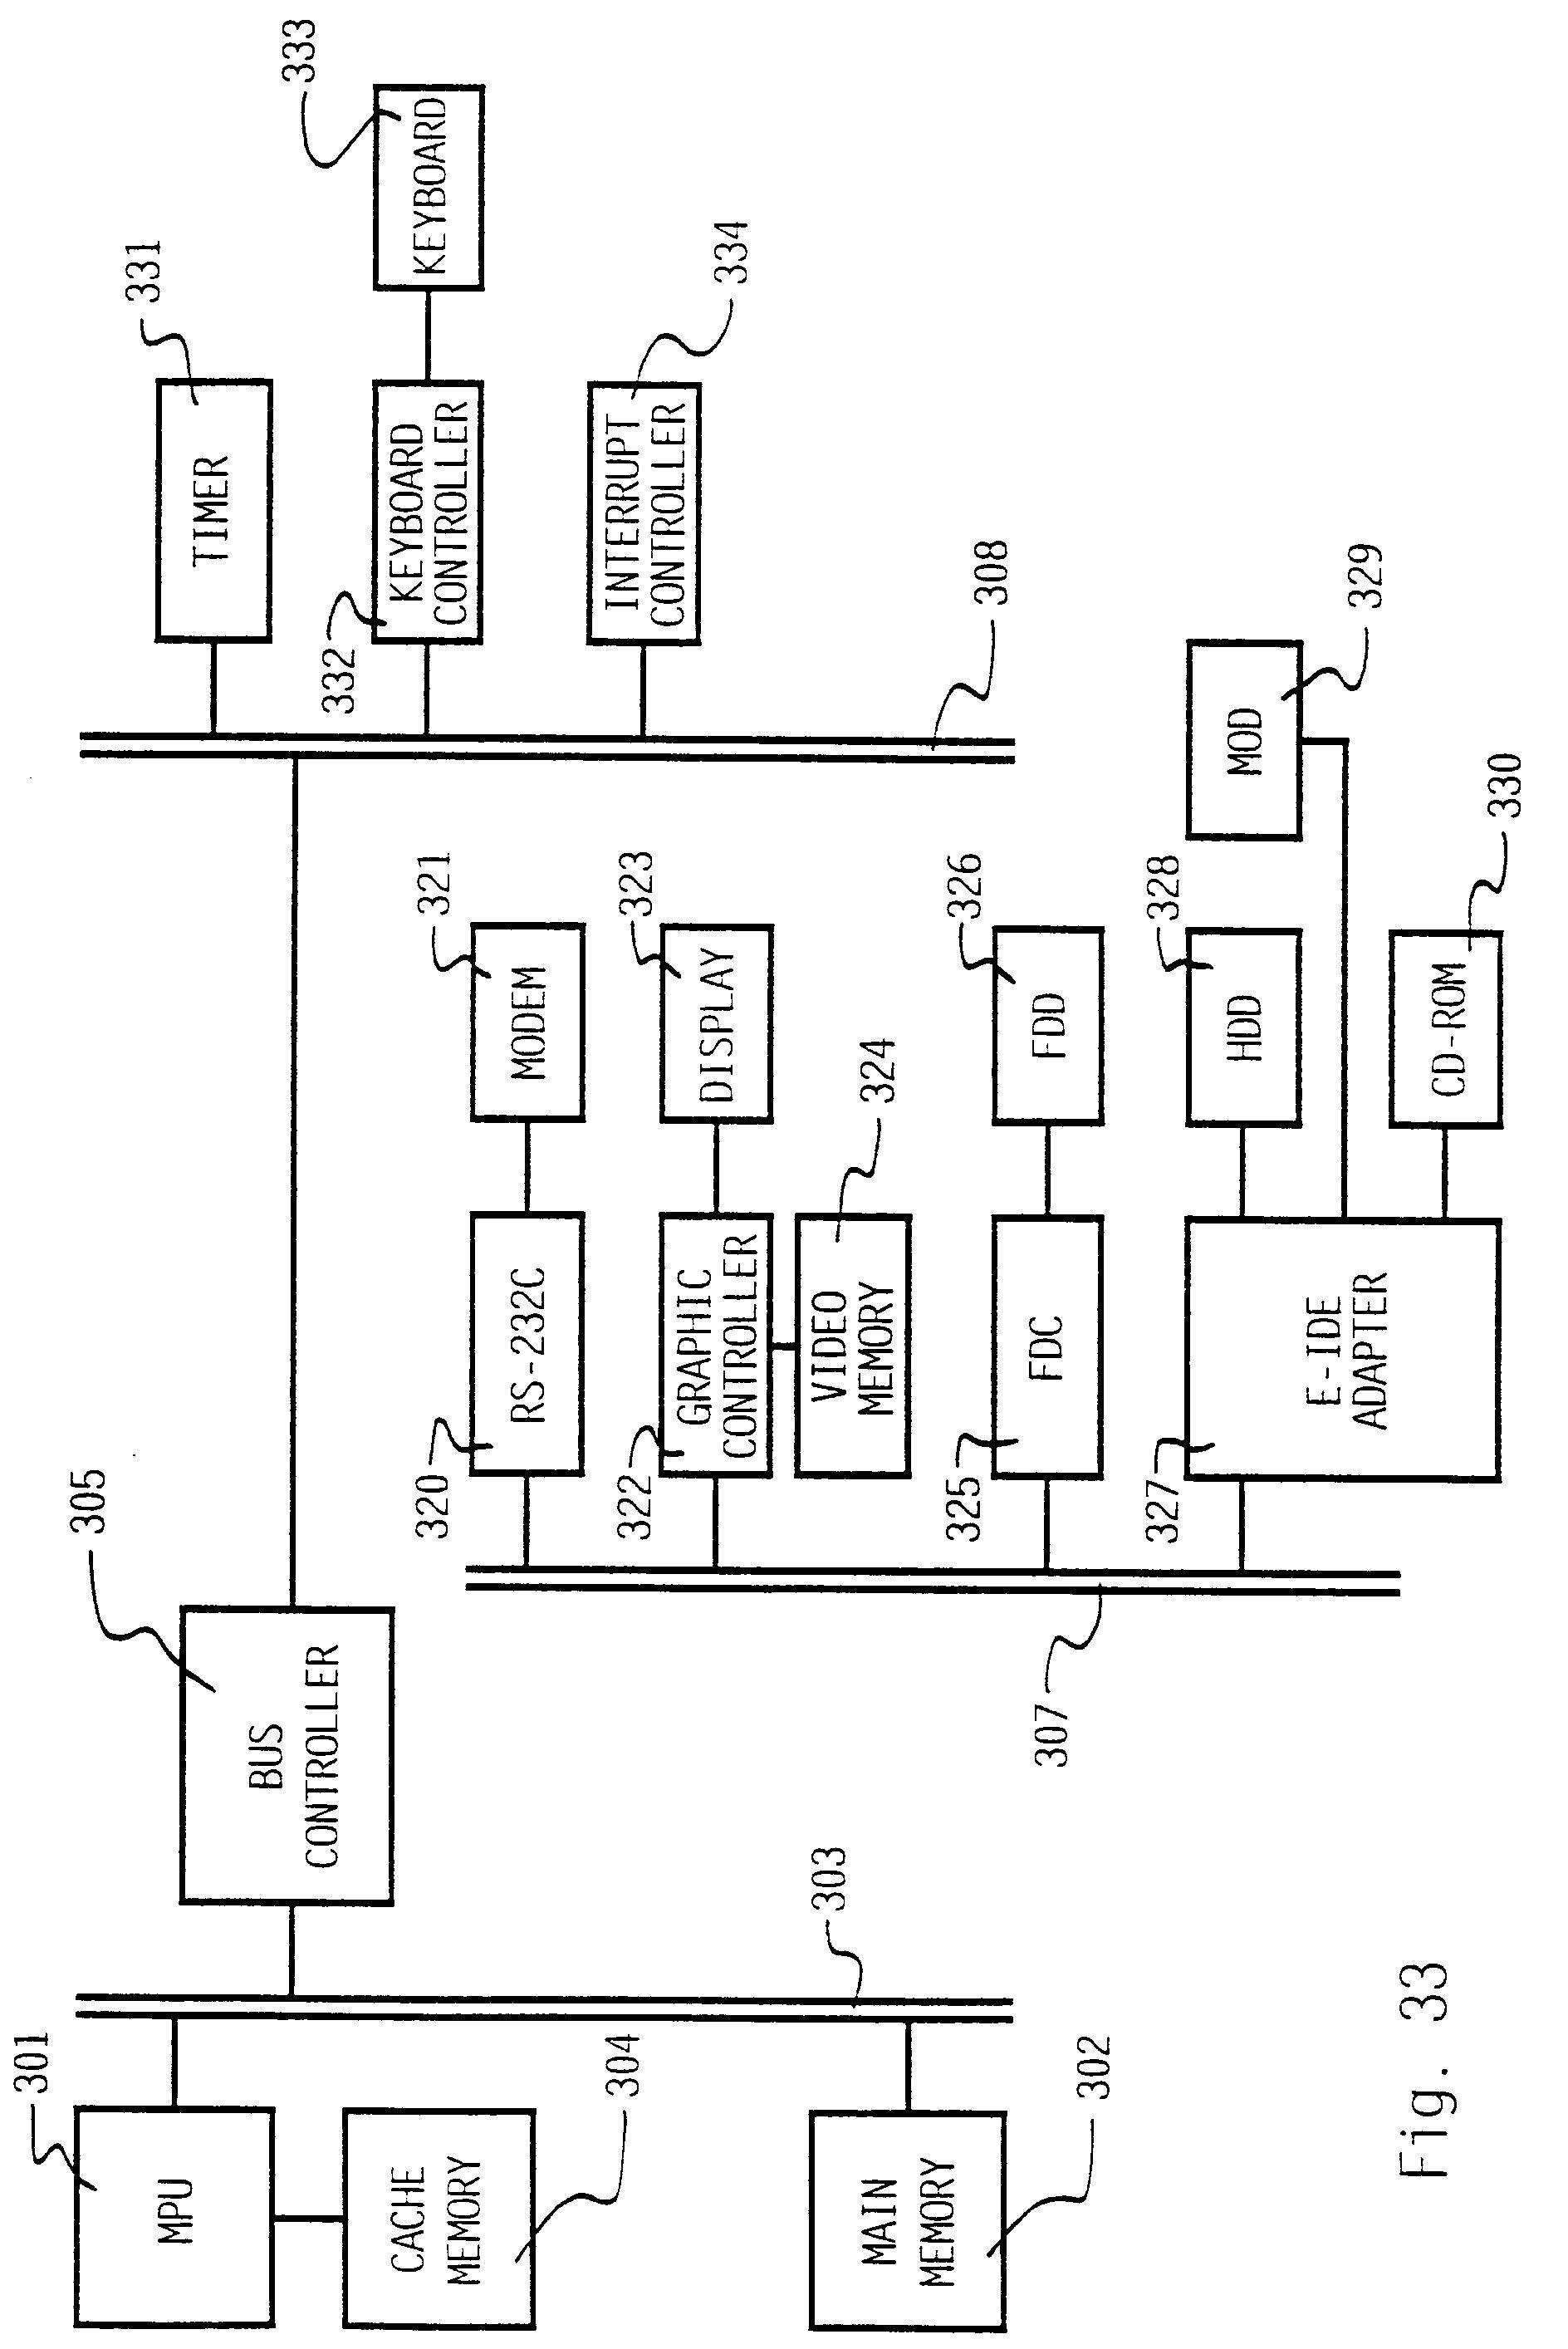 专利ep0753844a2 - optical memory apparatus